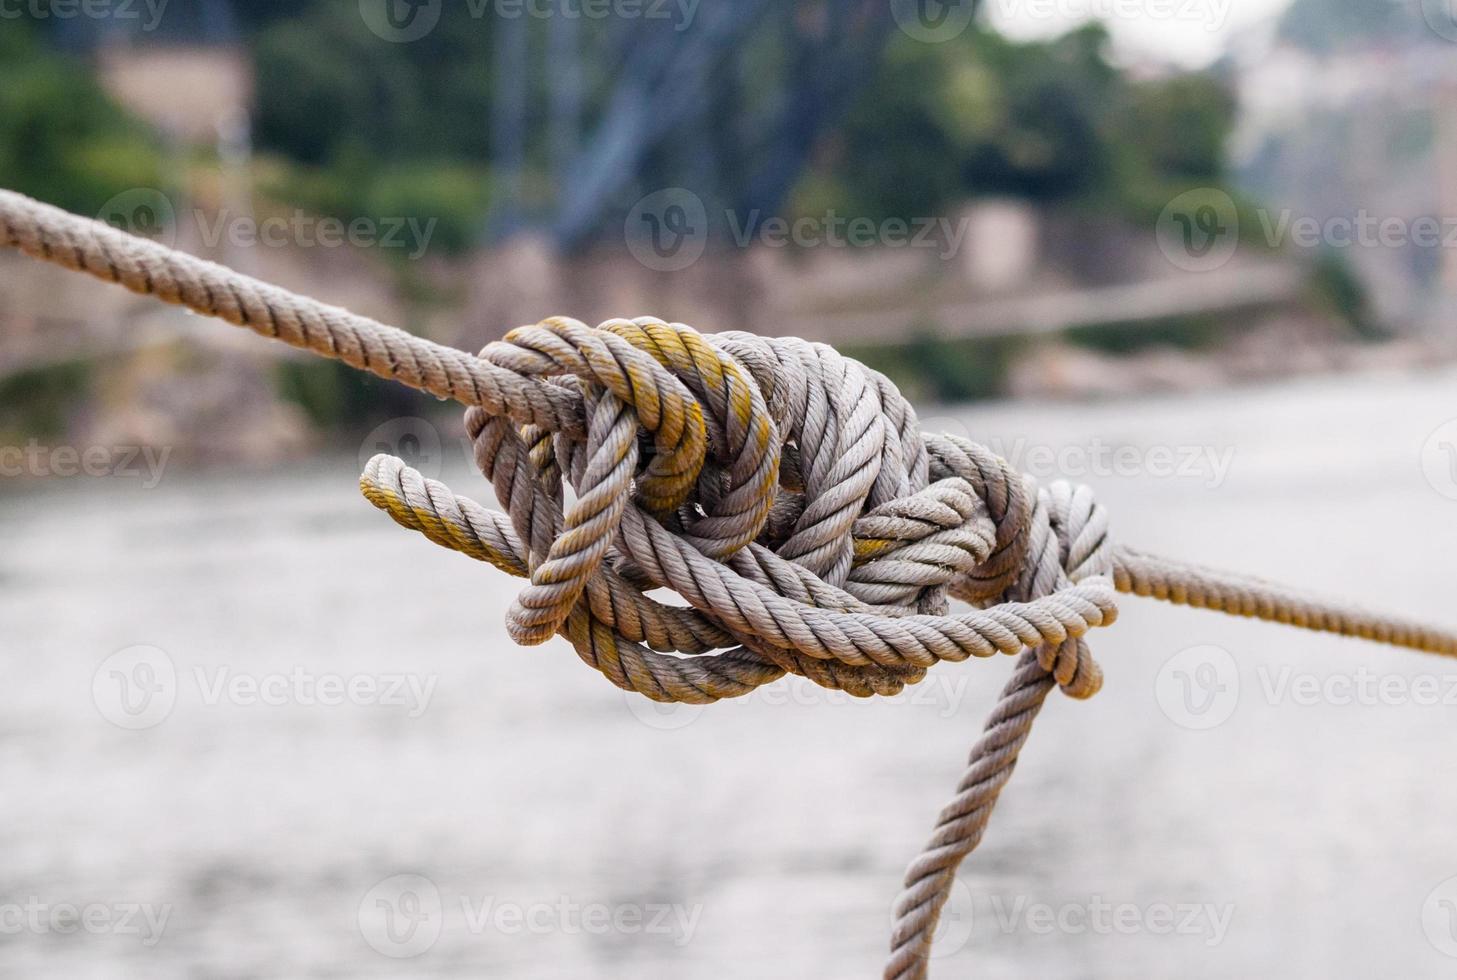 nodo aggrovigliato in corda tesa foto